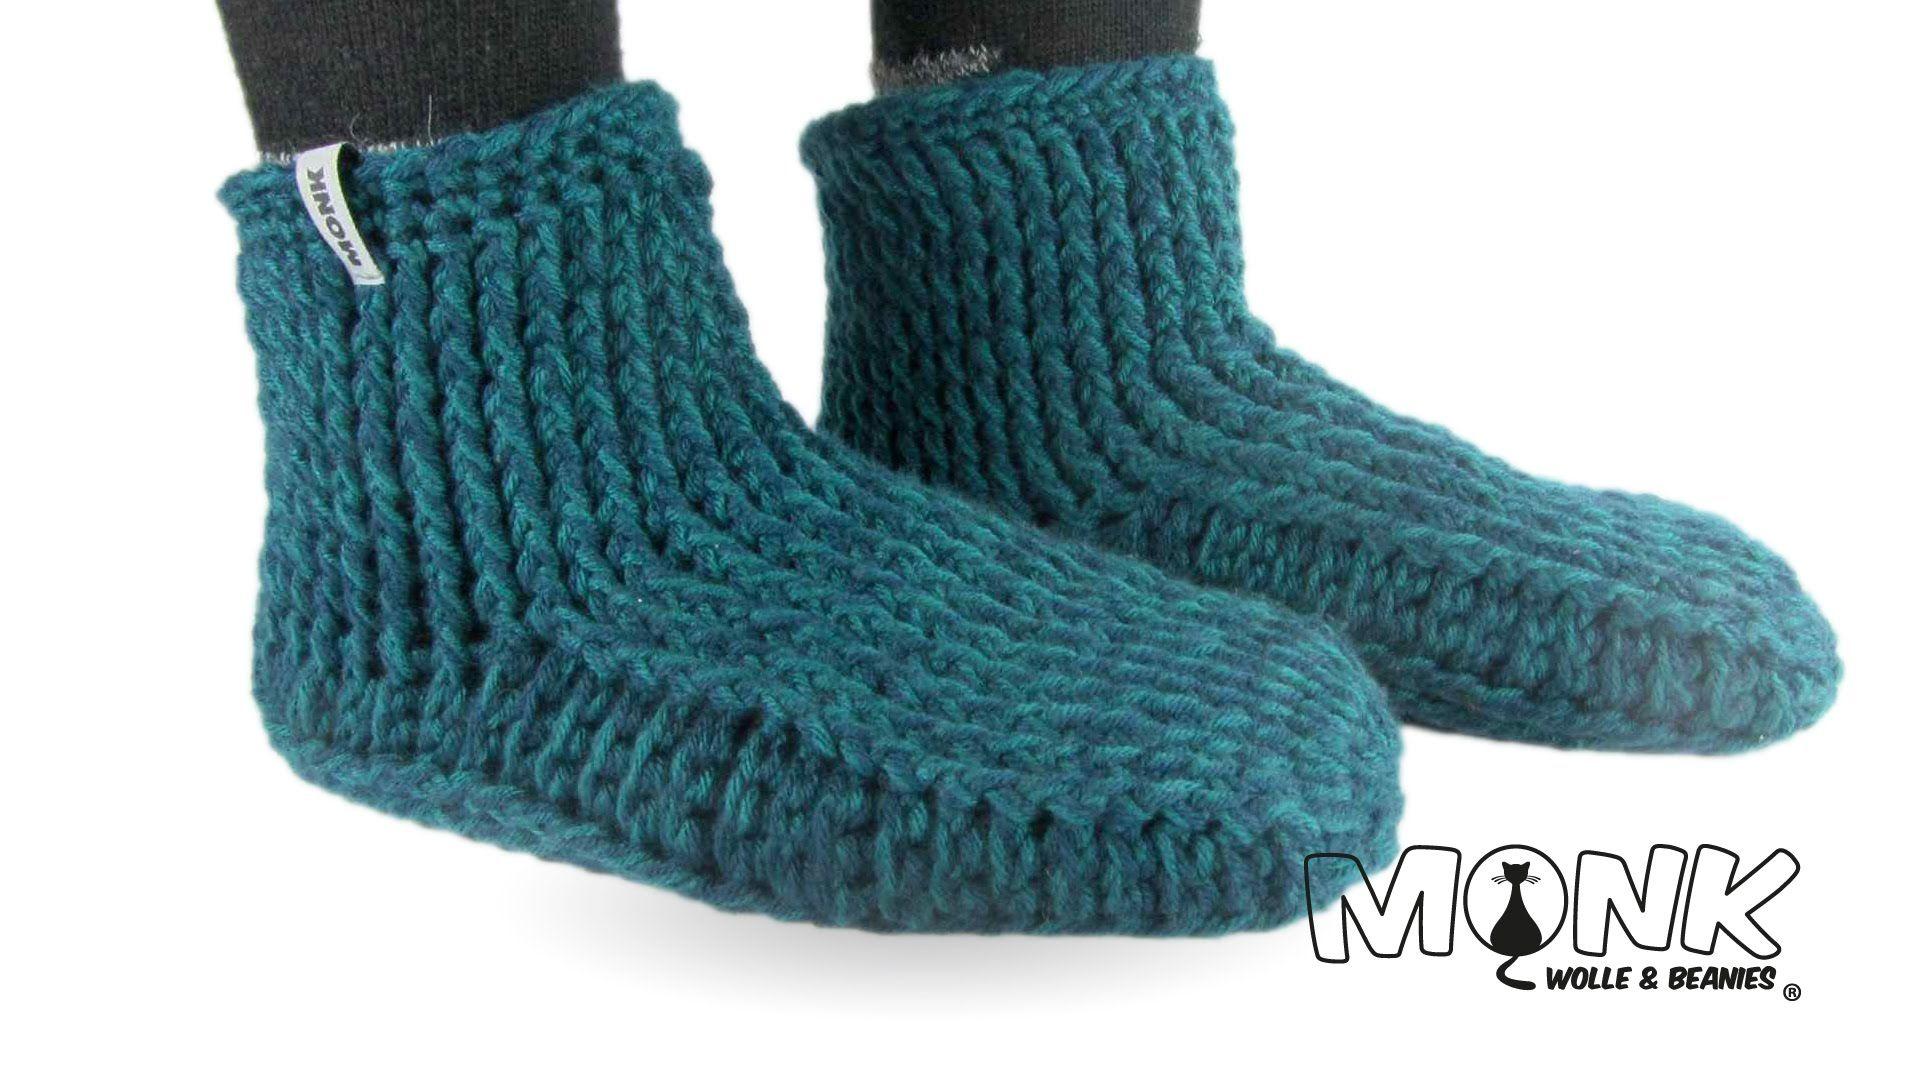 Monk-Gammlos (Hüttenschuhe) häkeln Teil 1 | Knit & Crochet ...